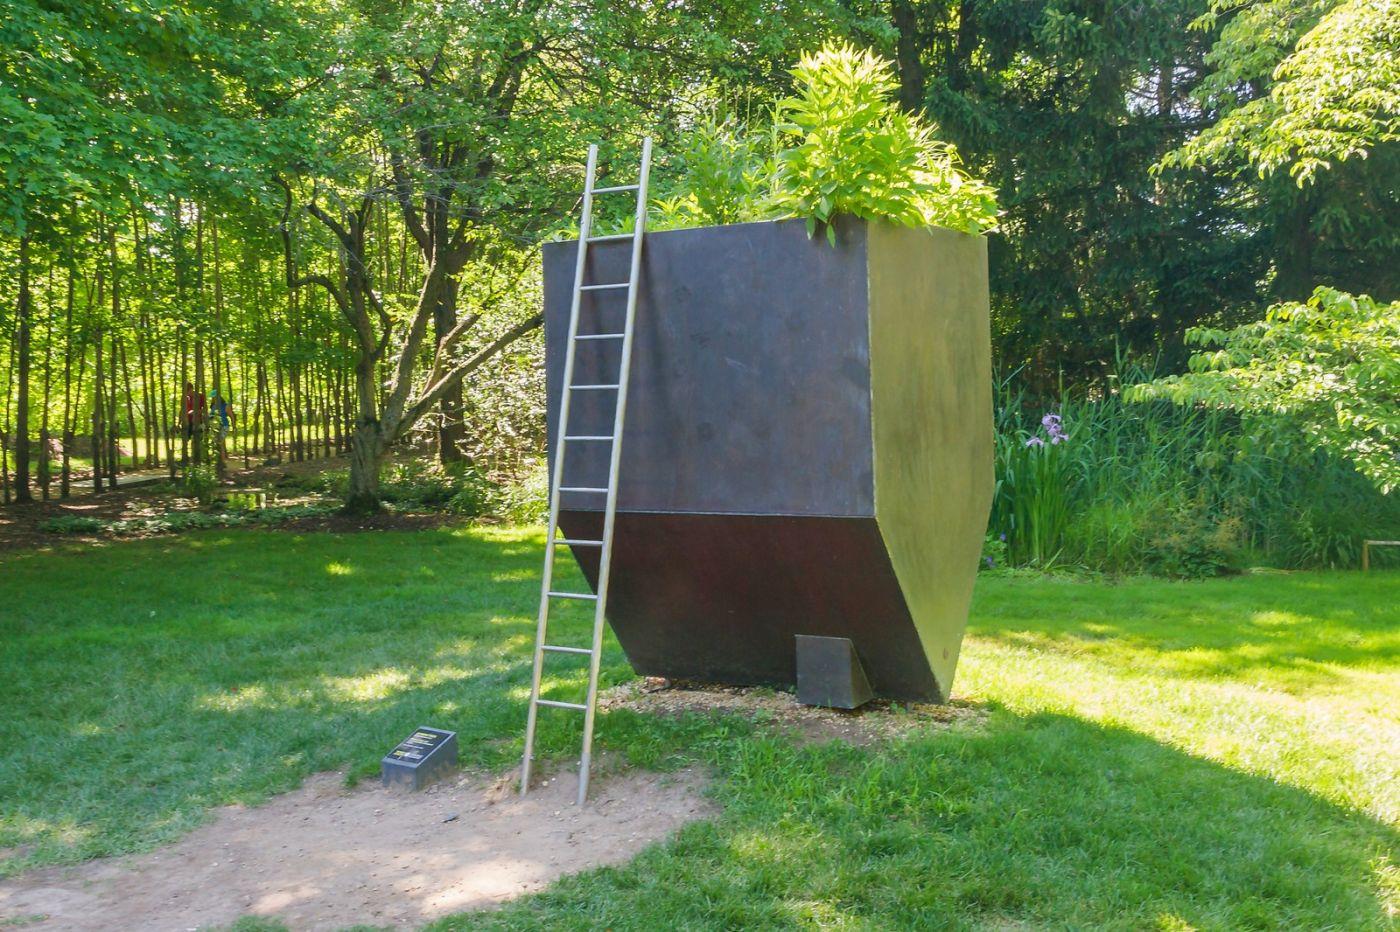 新澤西州雕塑公園(Grounds for scuplture),題材很廣_圖1-19